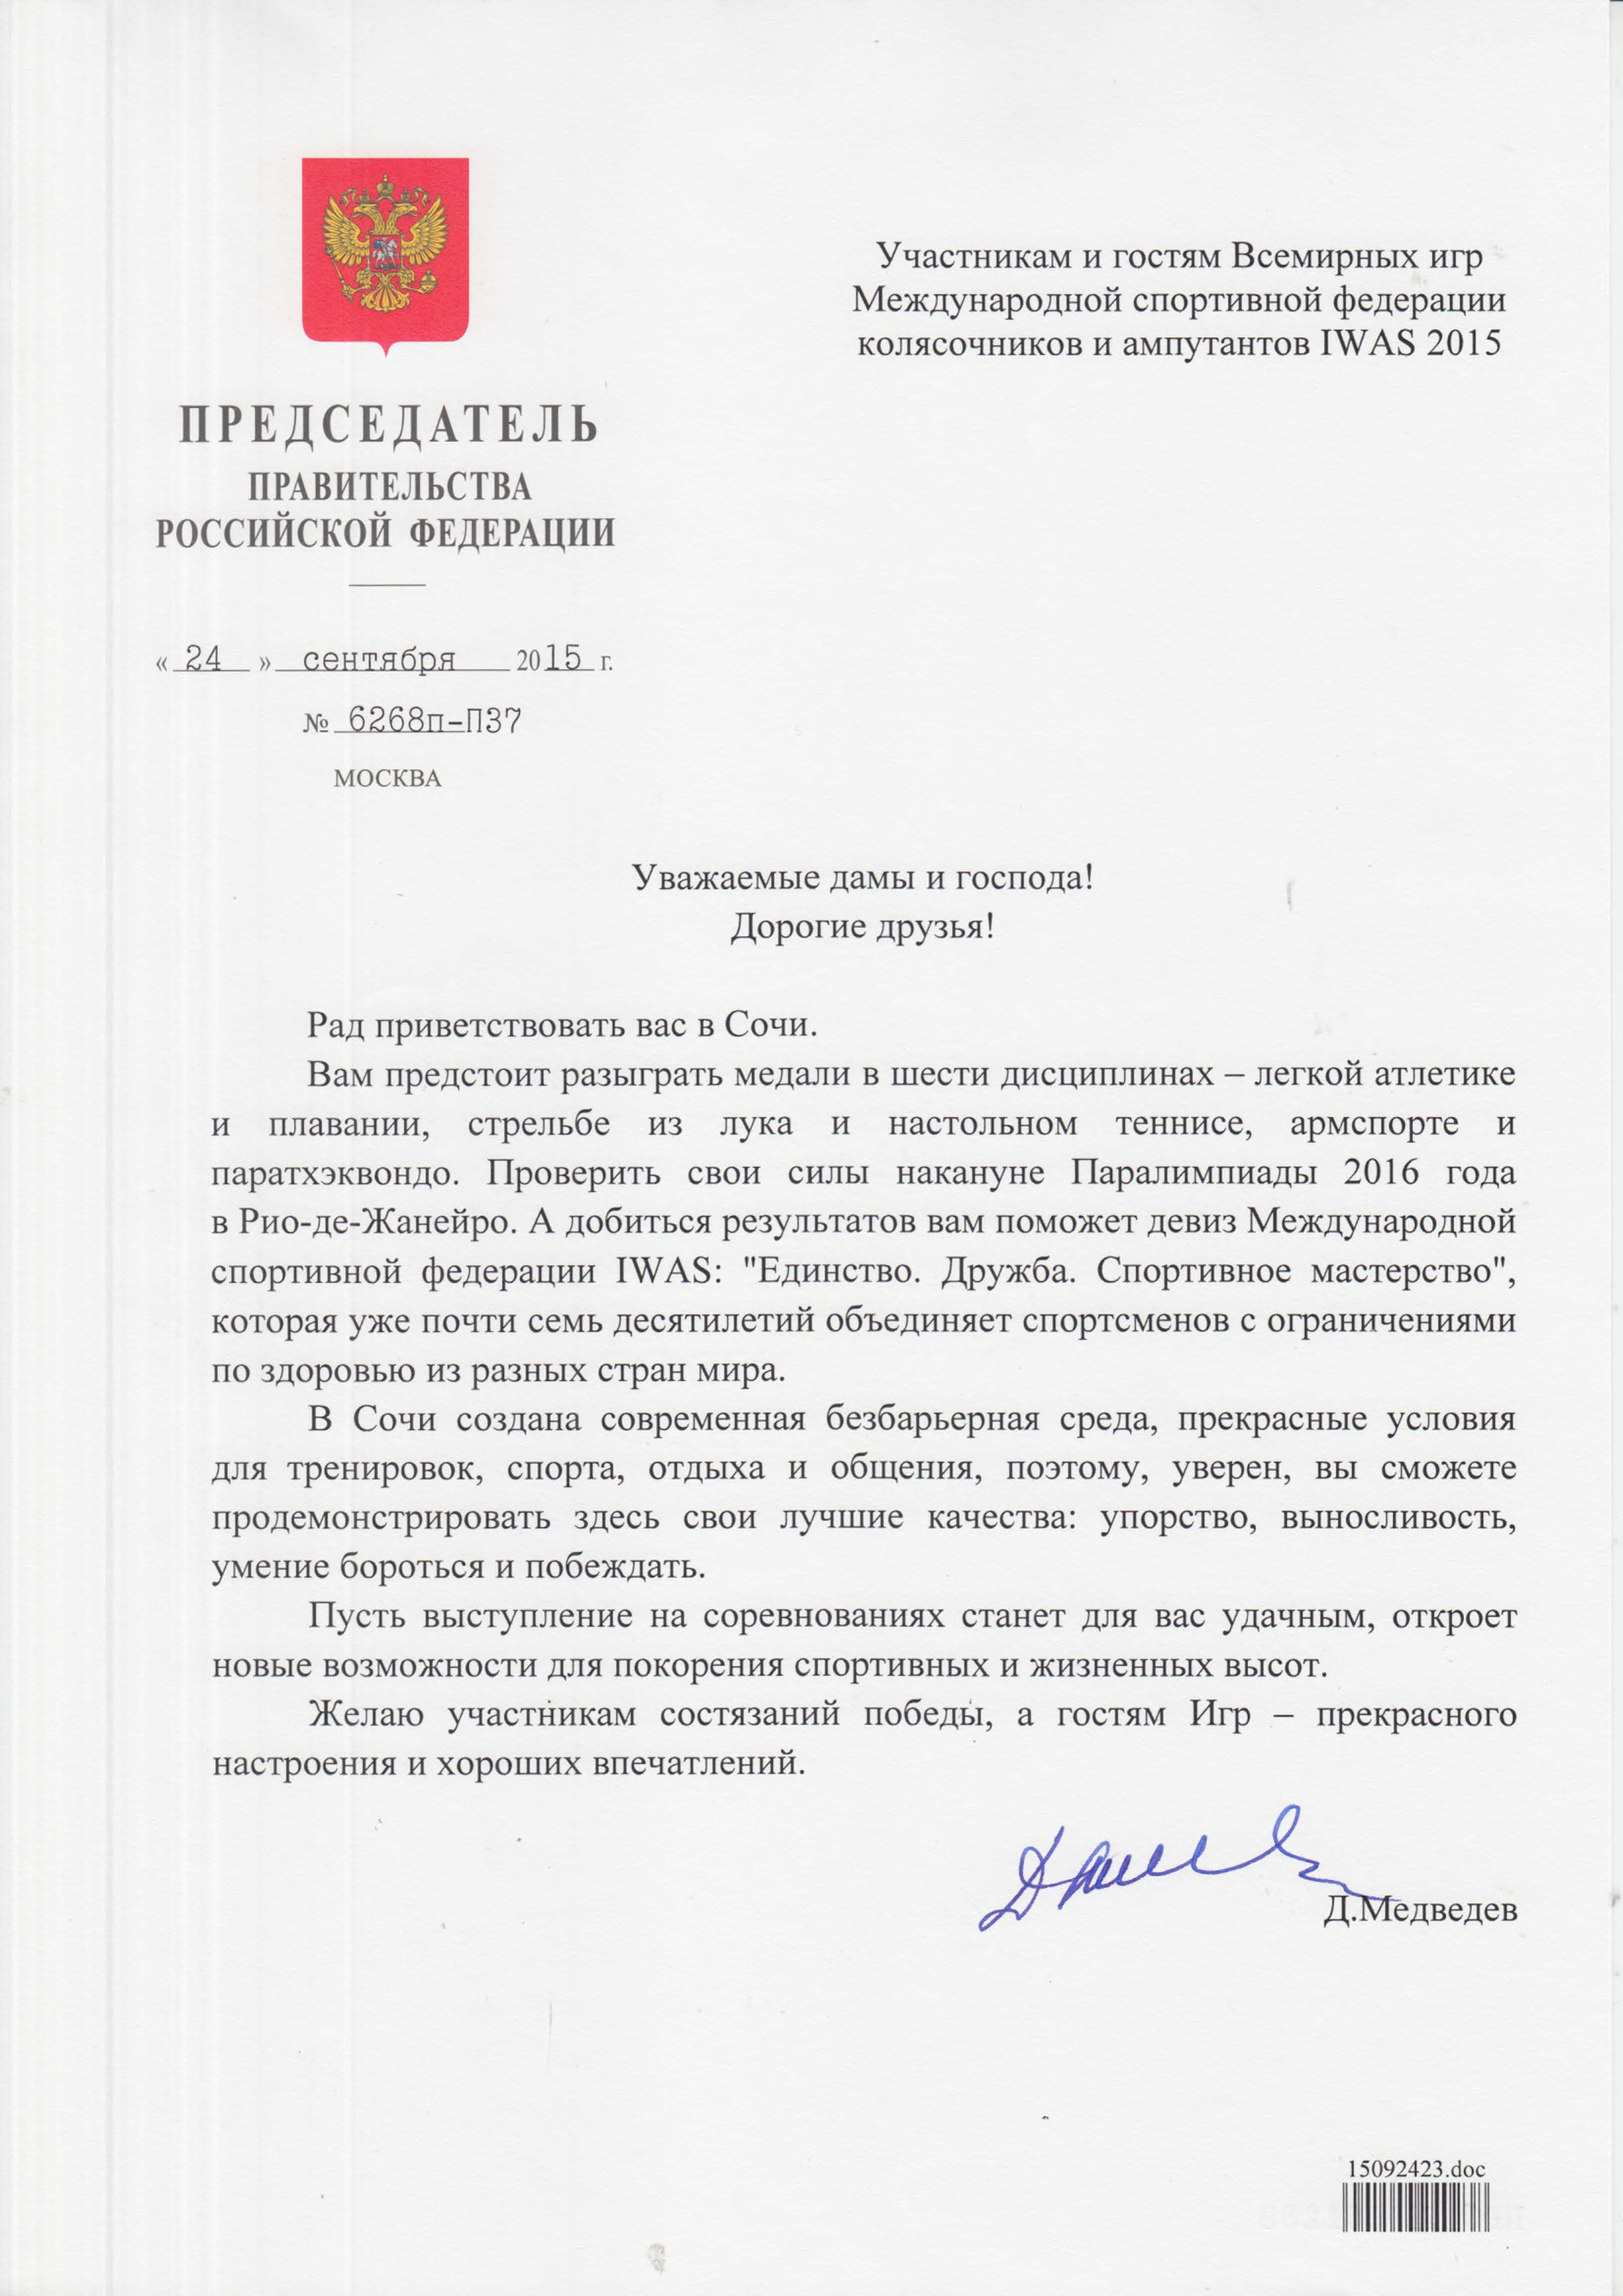 Приветствие участникам Всемирных игр IWAS Председателя Правительства РФ Д.А. Медведева